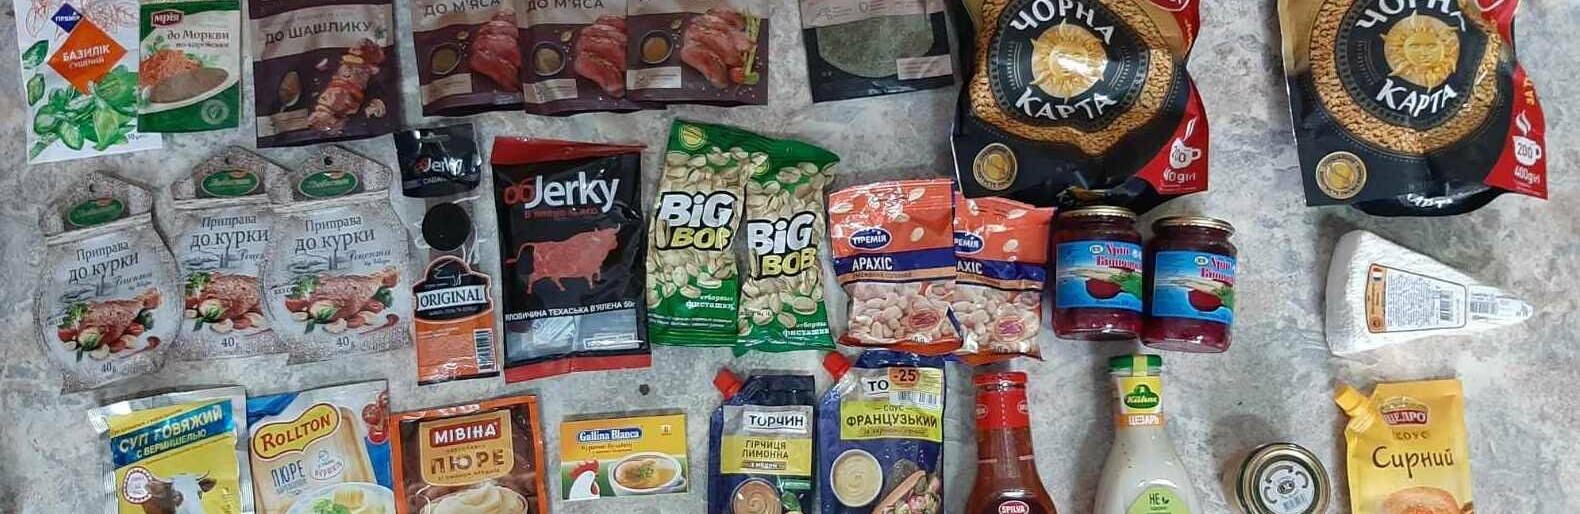 На Полтавщині вкотре затримали жінку в супермаркеті: її підозрюють у крадіжці продуктів